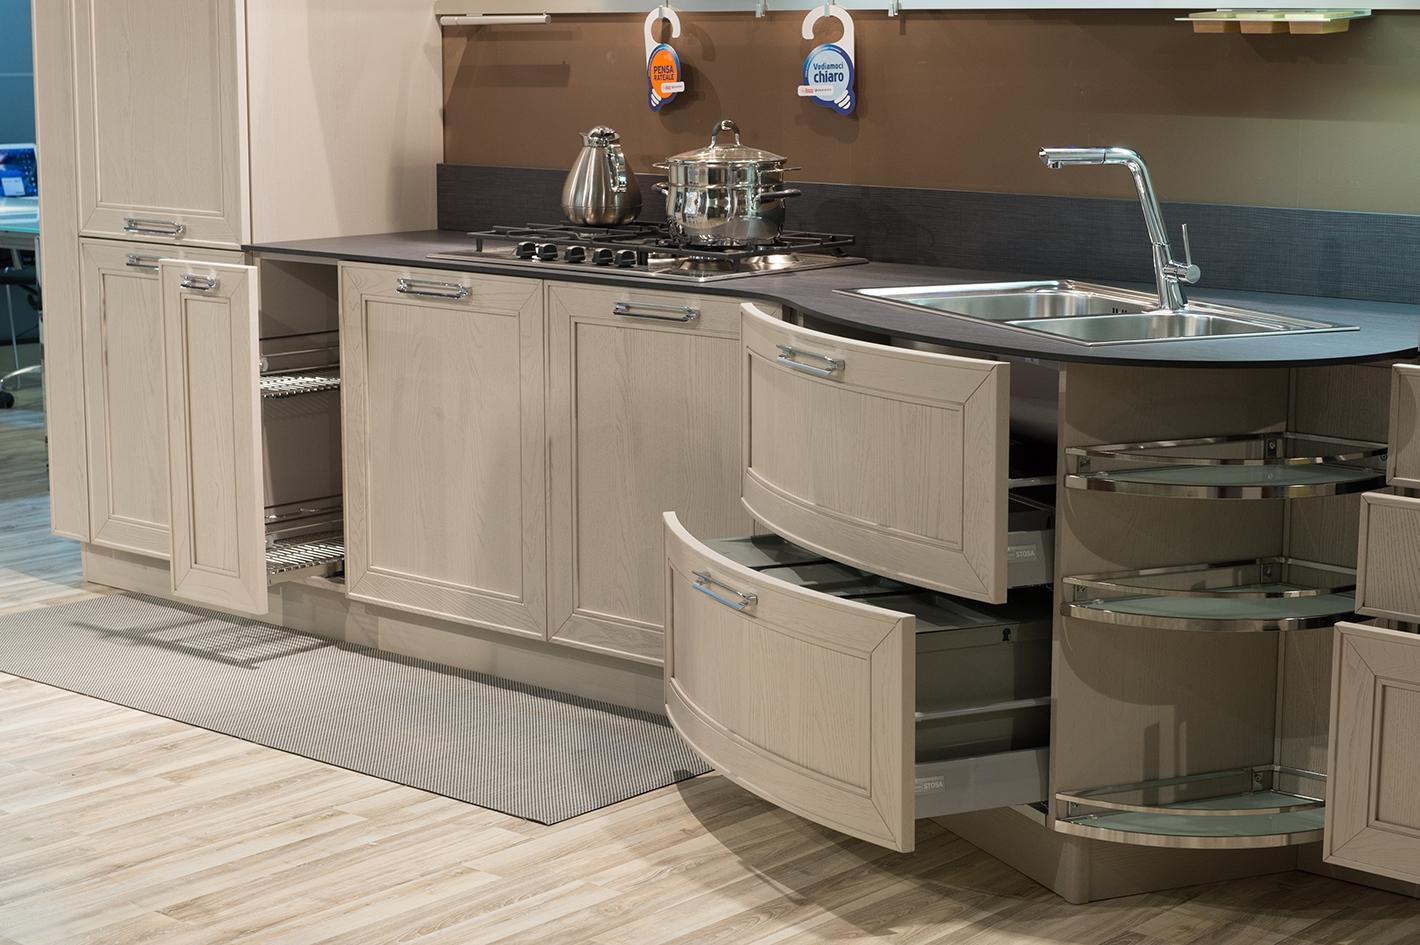 Cucina stosa mod maxim completa di elettrodomestici 20232 cucine a prezzi scontati - Cucina completa prezzi ...